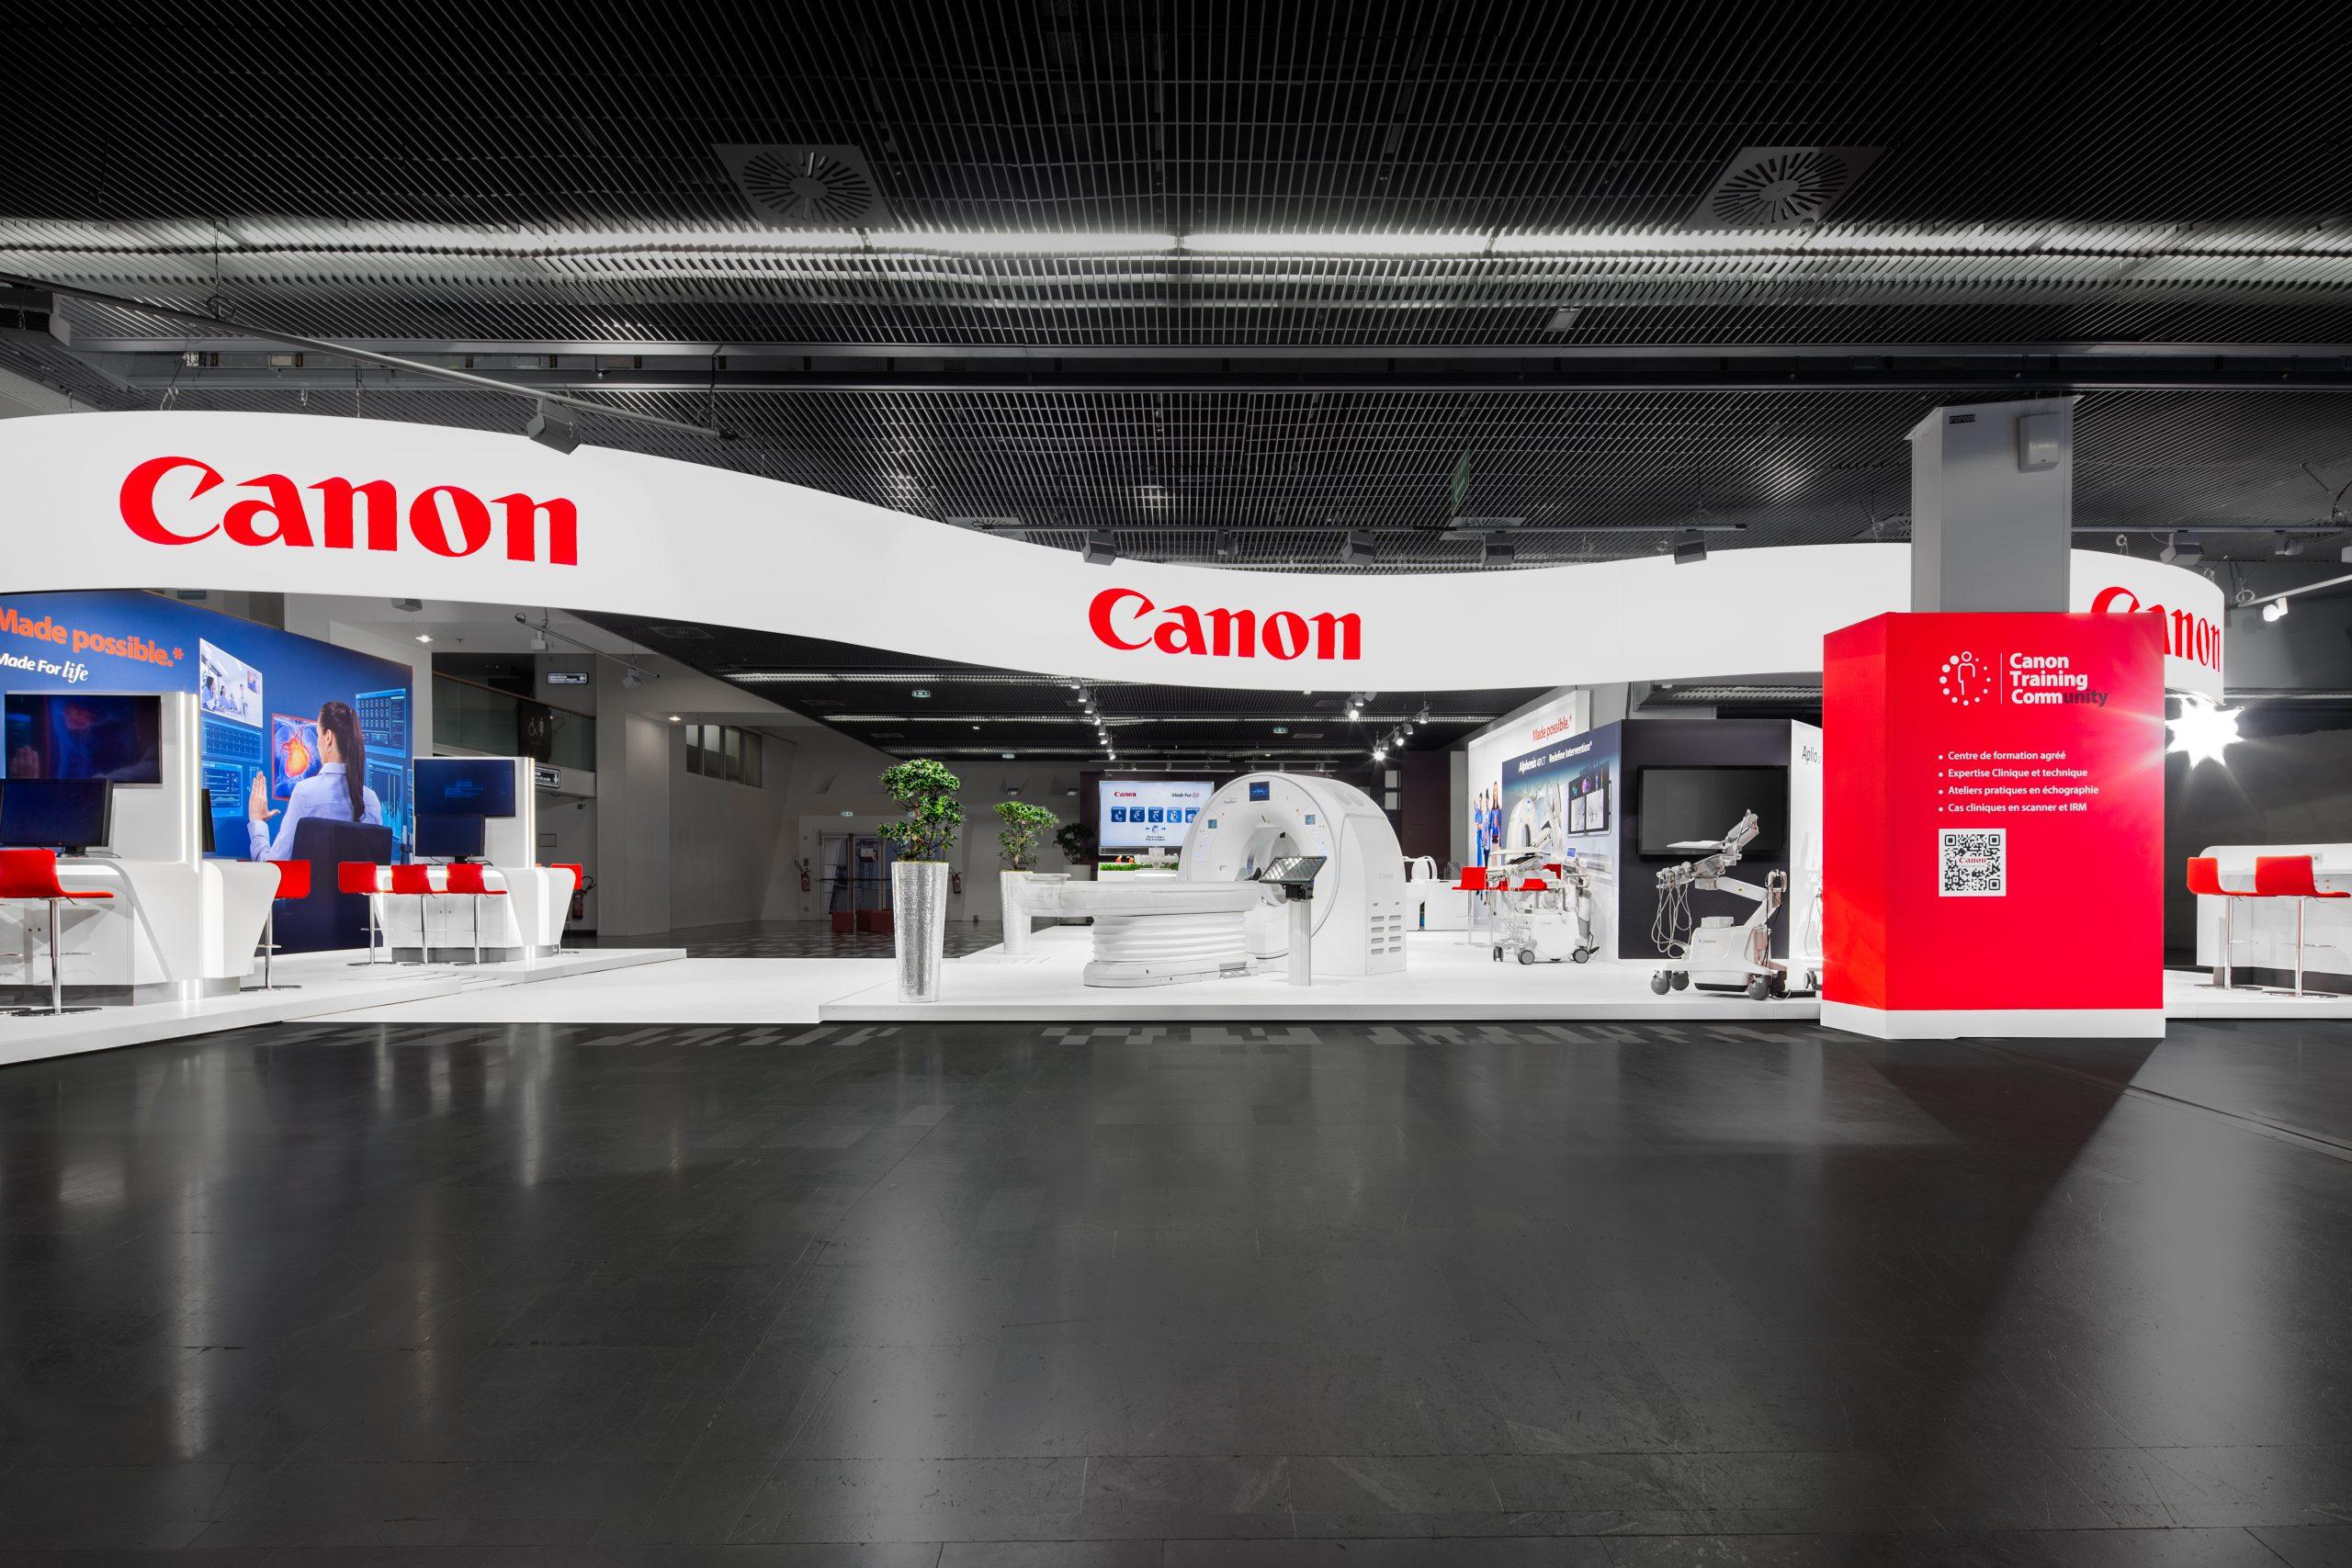 Cas Exhibition Partners - Canon - JFR 2019 - Paris - Standbouwfotografie #8852